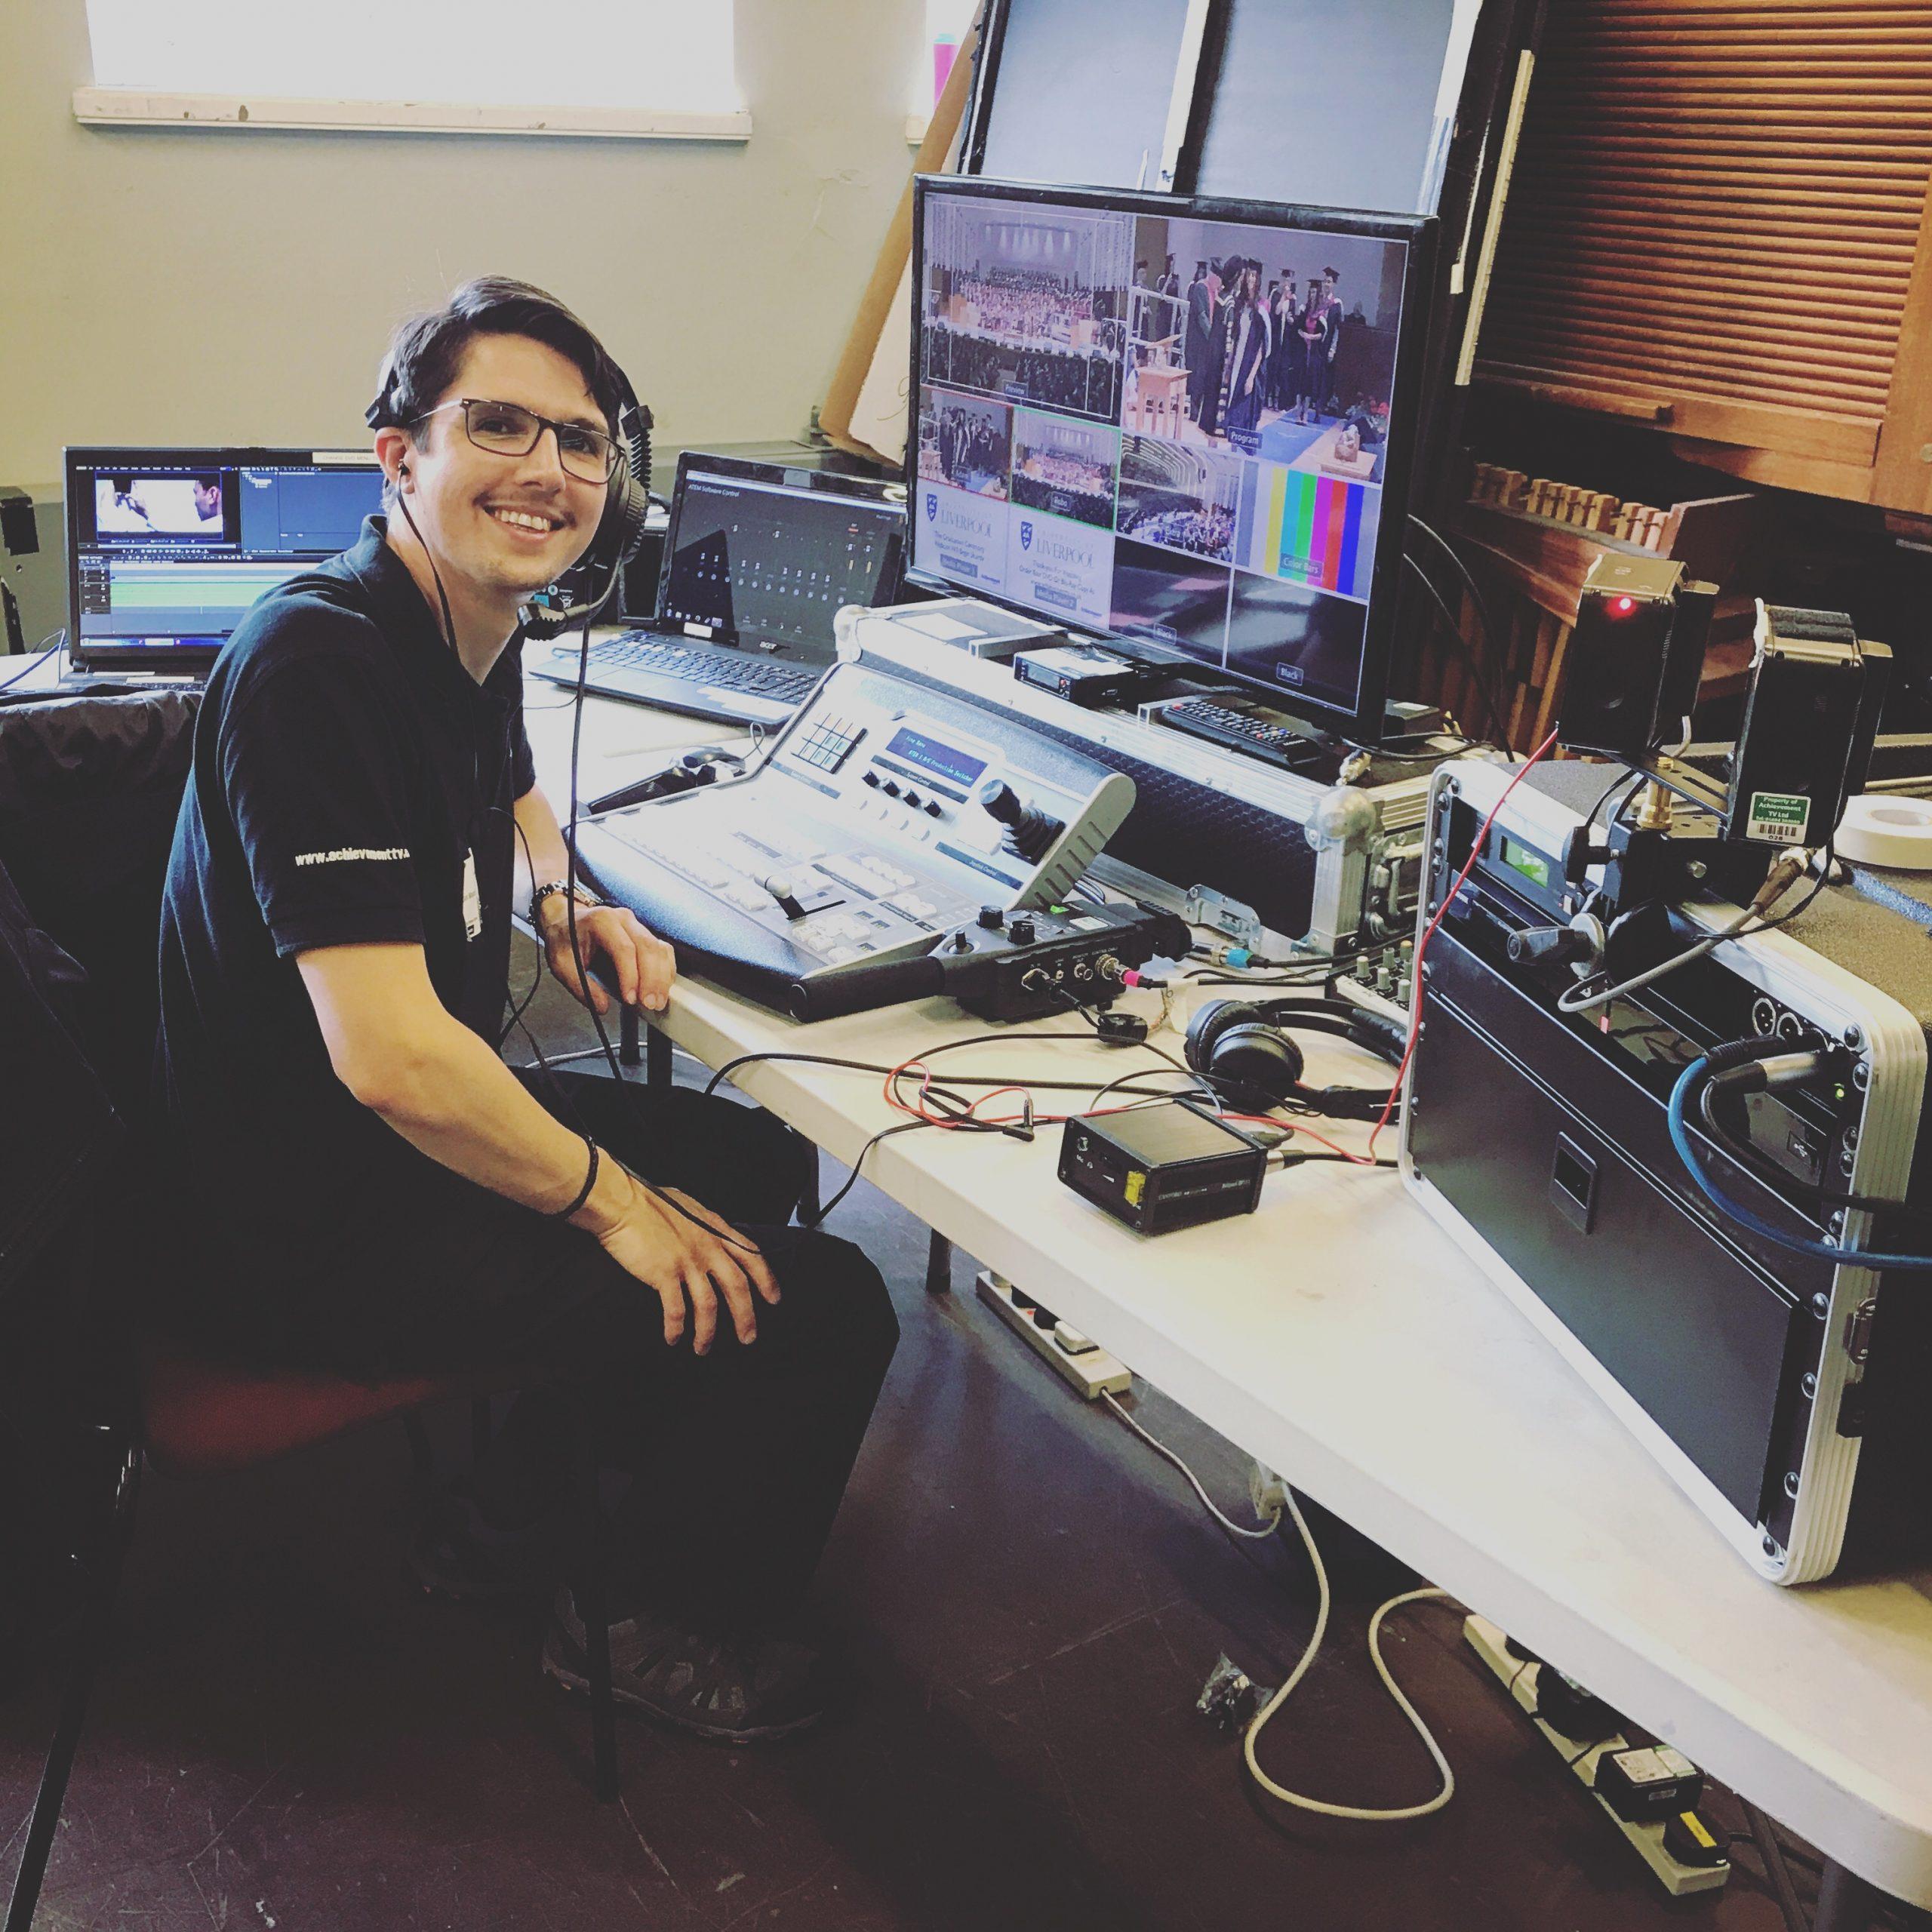 Dan at the Mixing Desk